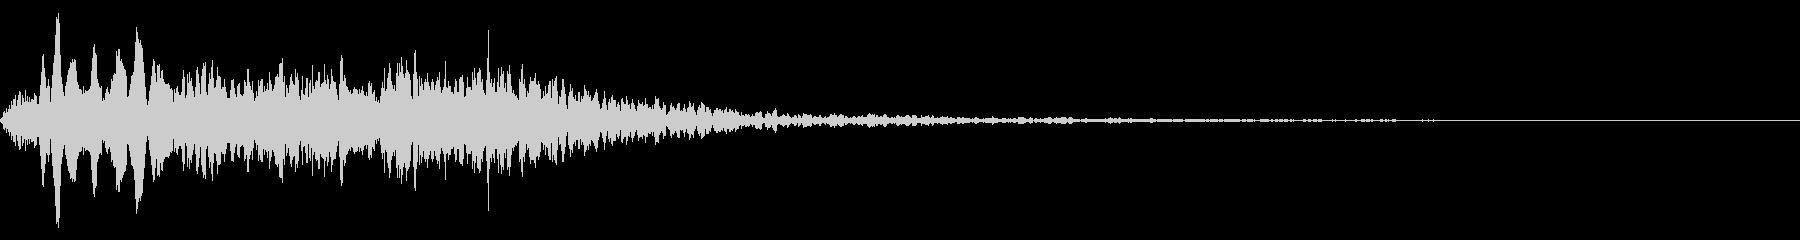 吹きすさぶ風・竜巻系の魔法(低レベル)sの未再生の波形